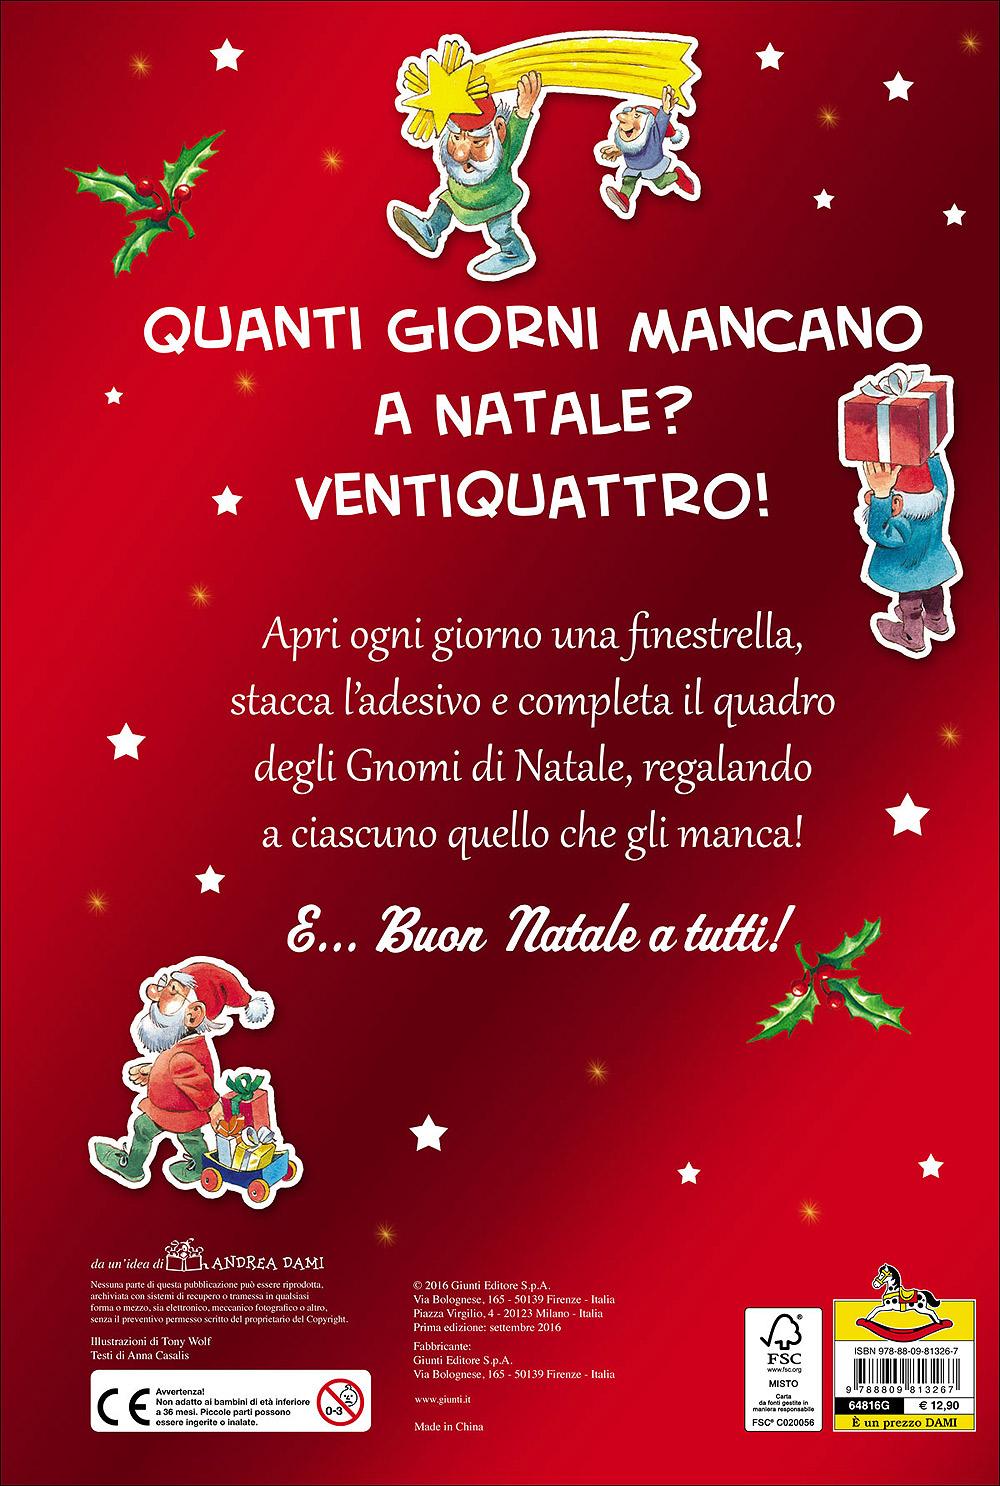 Arriva il Natale!